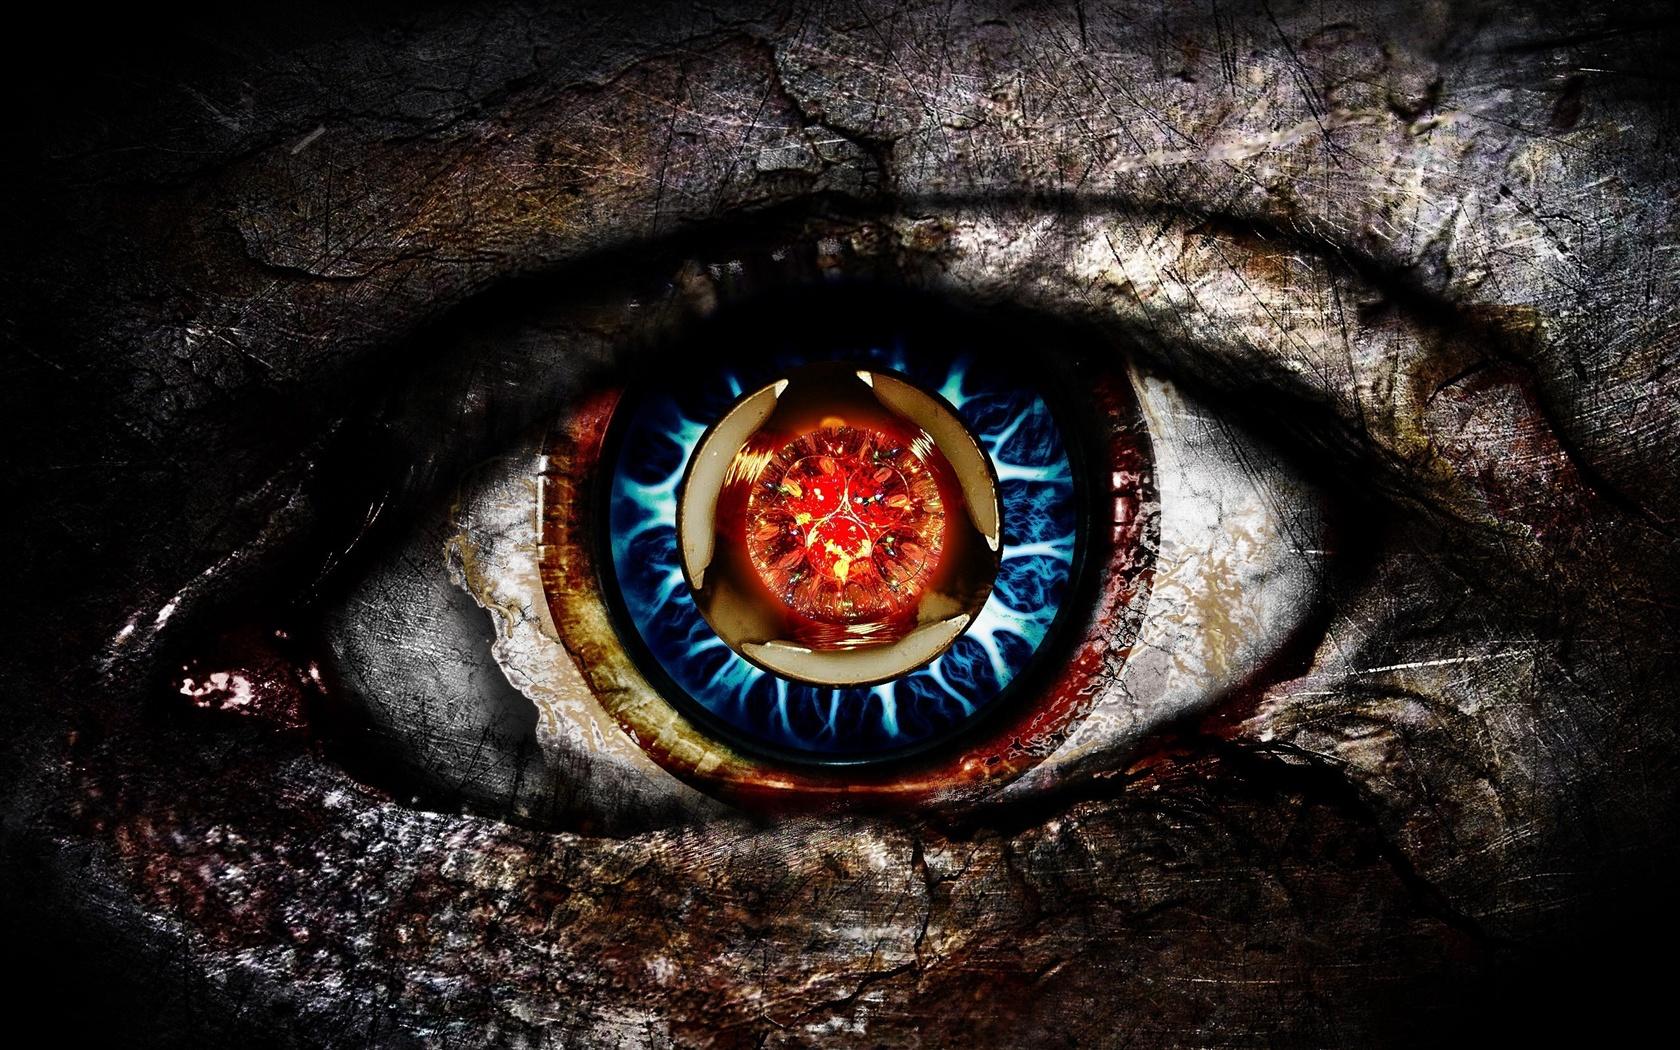 Das Schwarze Auge 2560x1600 Hd Hintergrundbilder Hd Bild